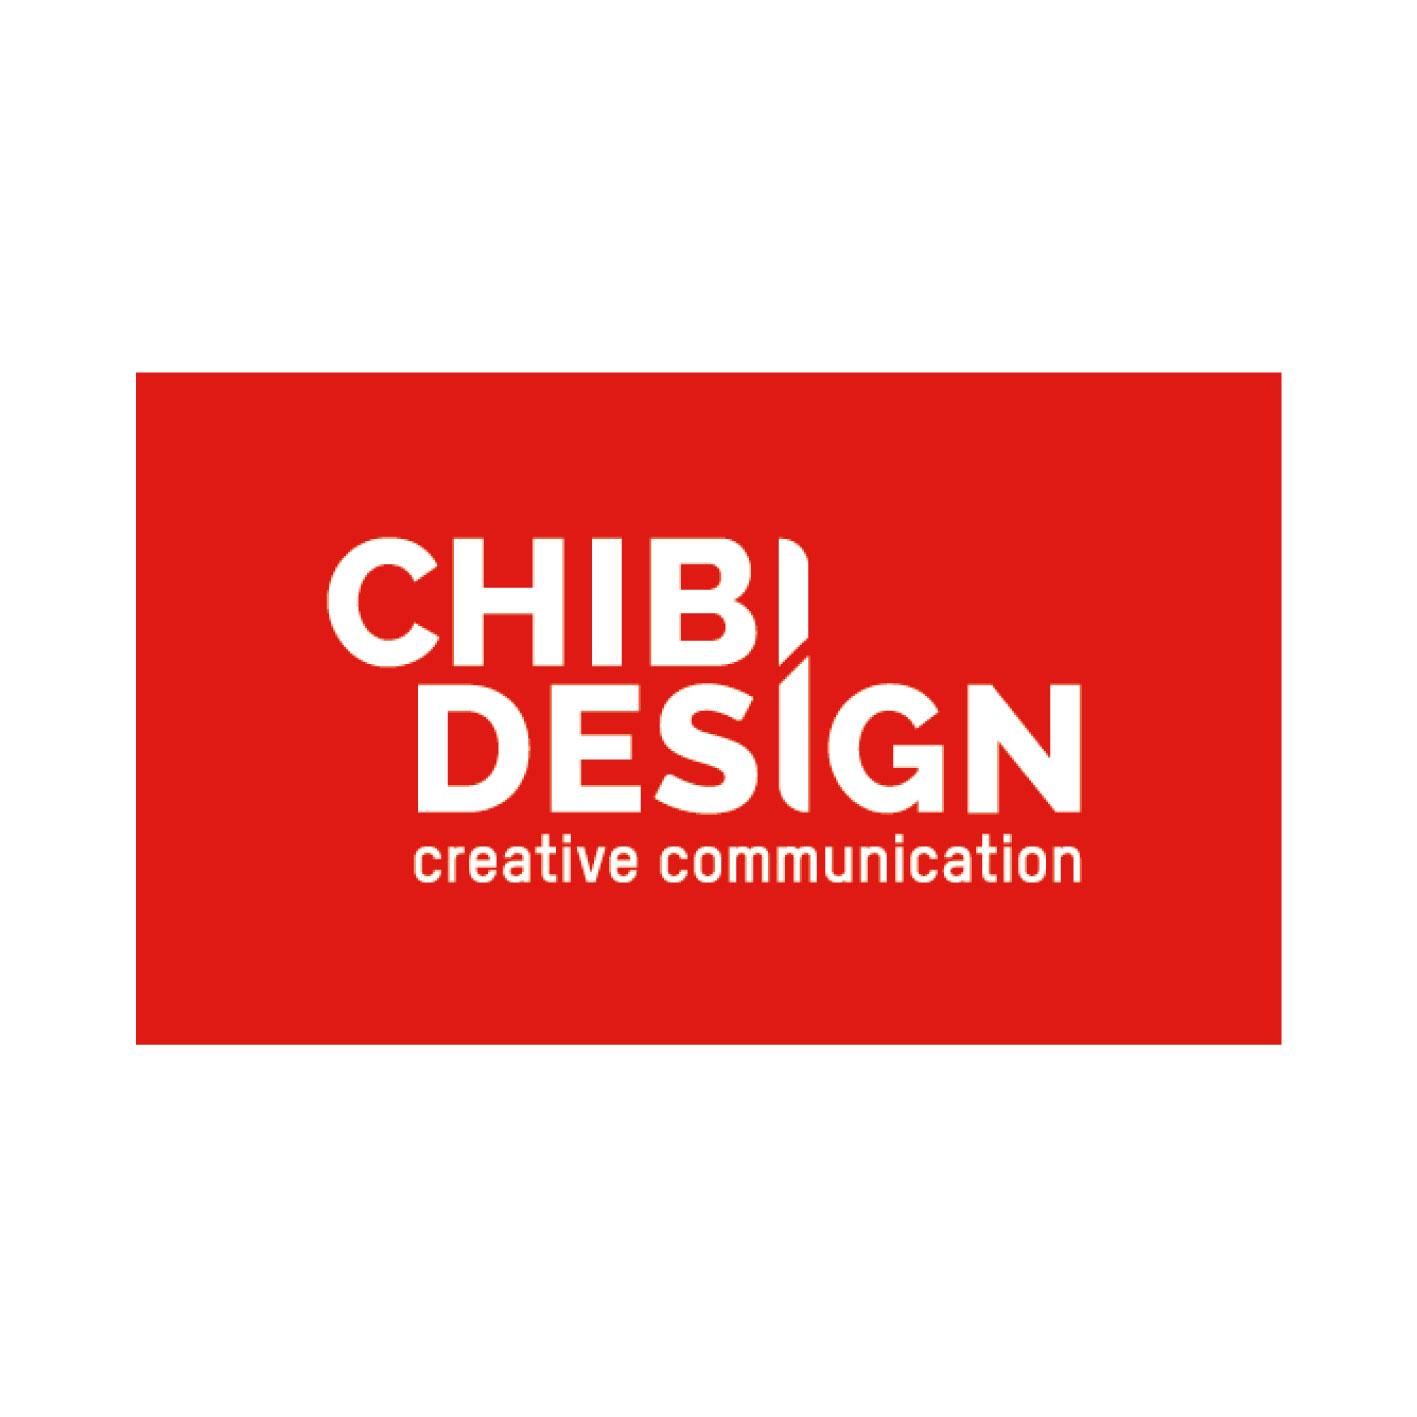 Chibi Design